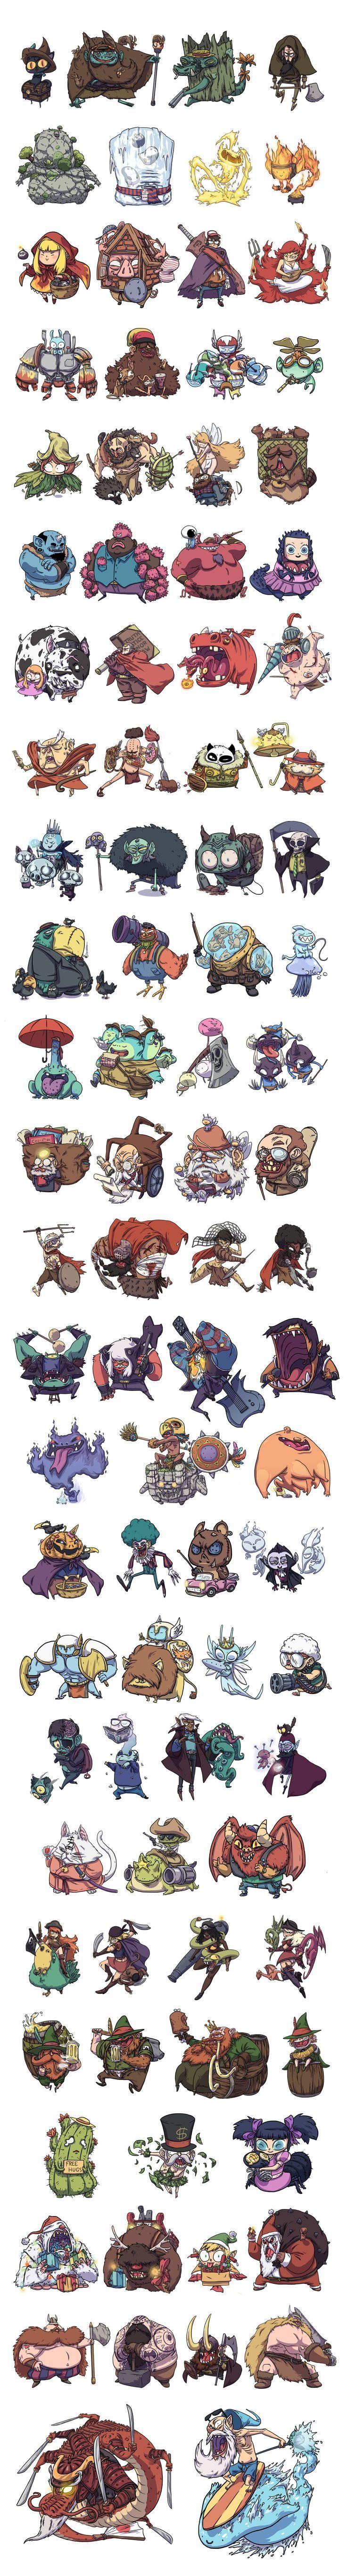 gallerie de personnages